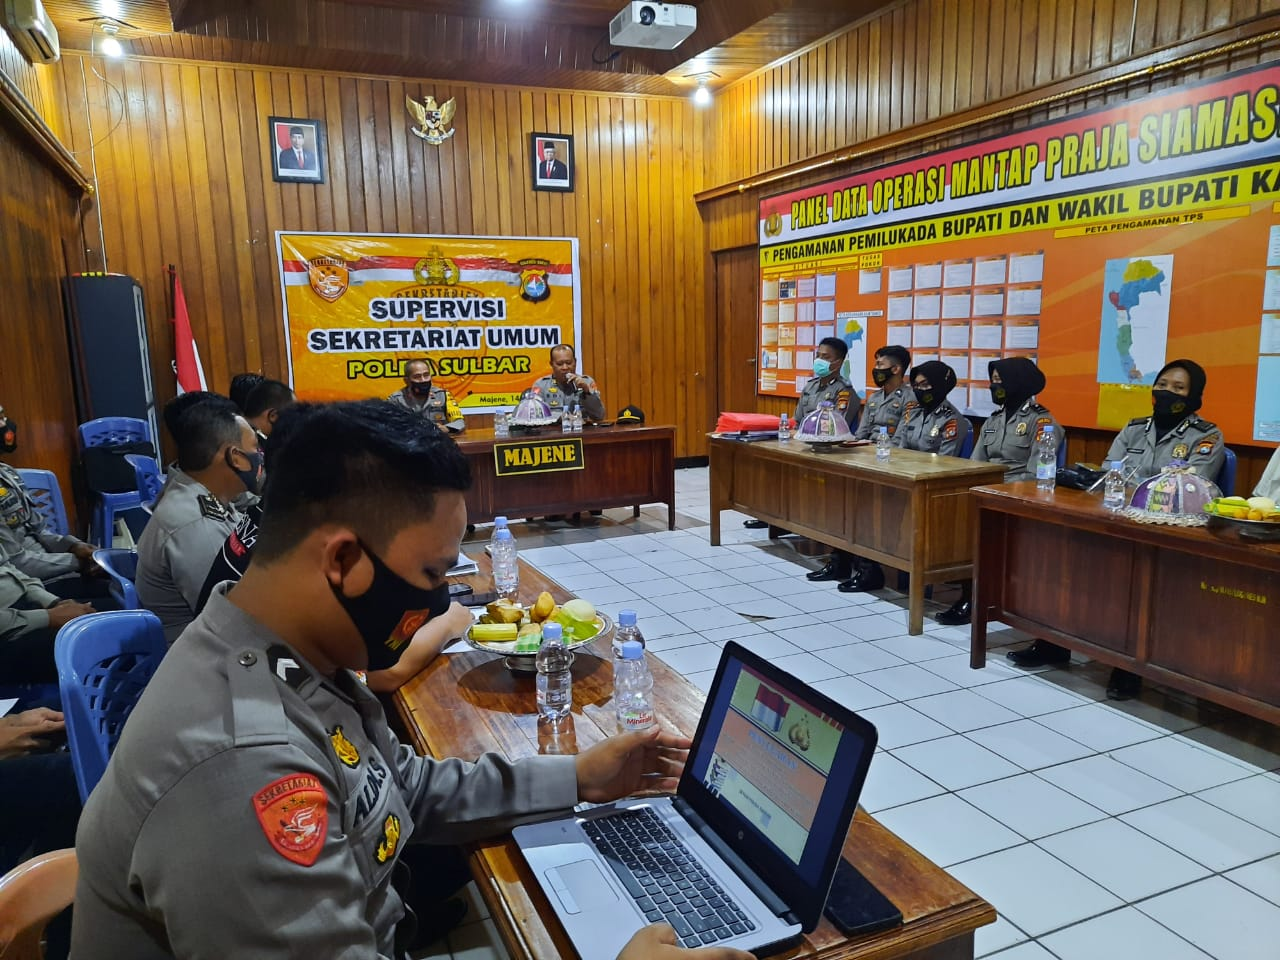 Polres Majene Terima Kunjungan Supervisi Setum Polda Sulbar.